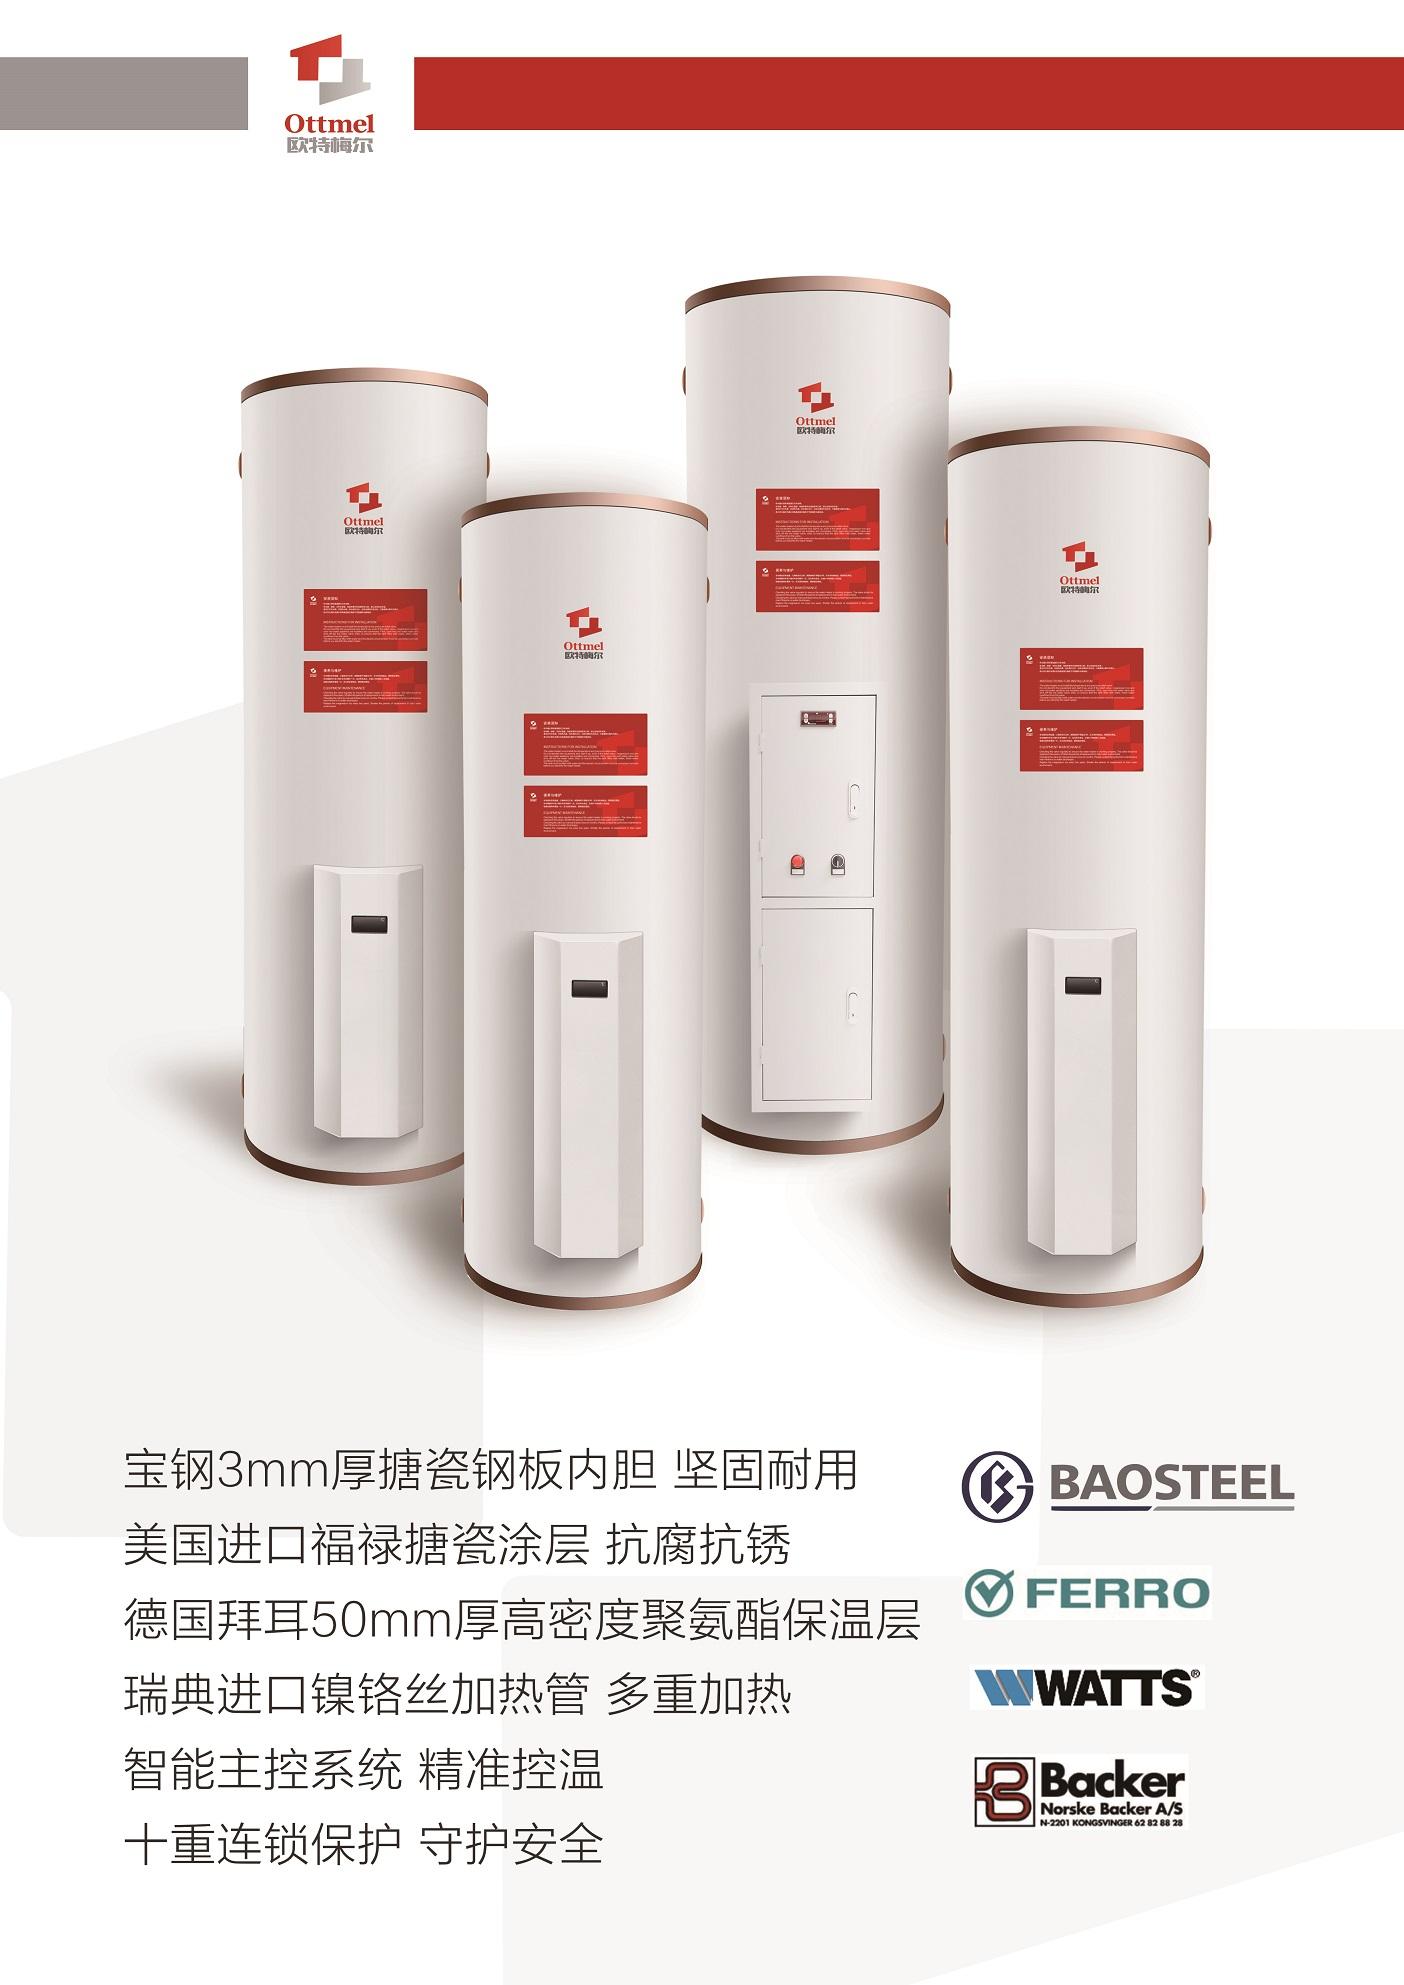 **容积式电热水器 欢迎咨询「欧特梅尔新能源供应」